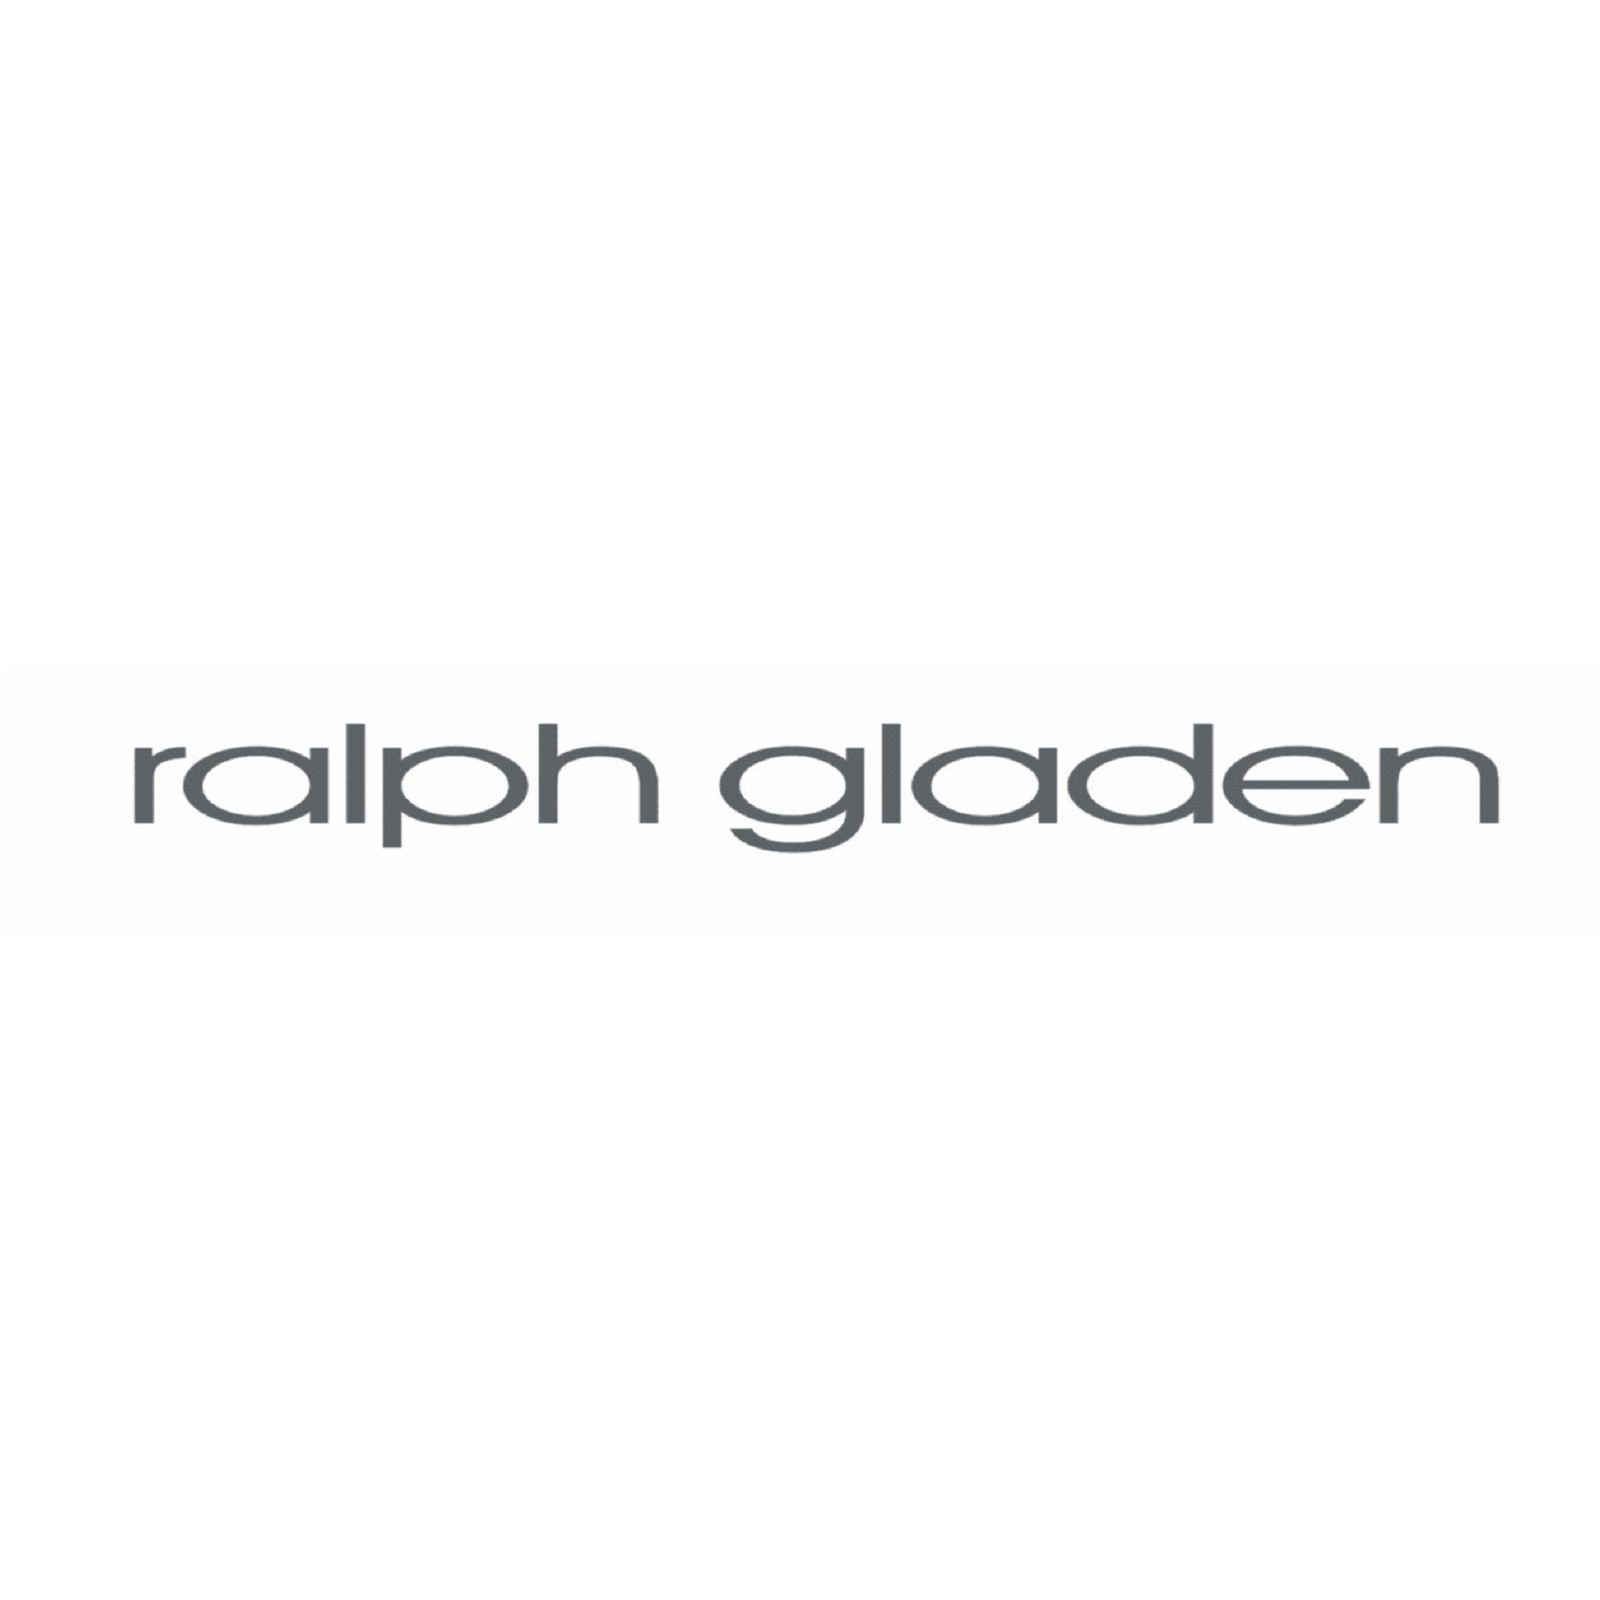 ralph gladen® (Bild 1)